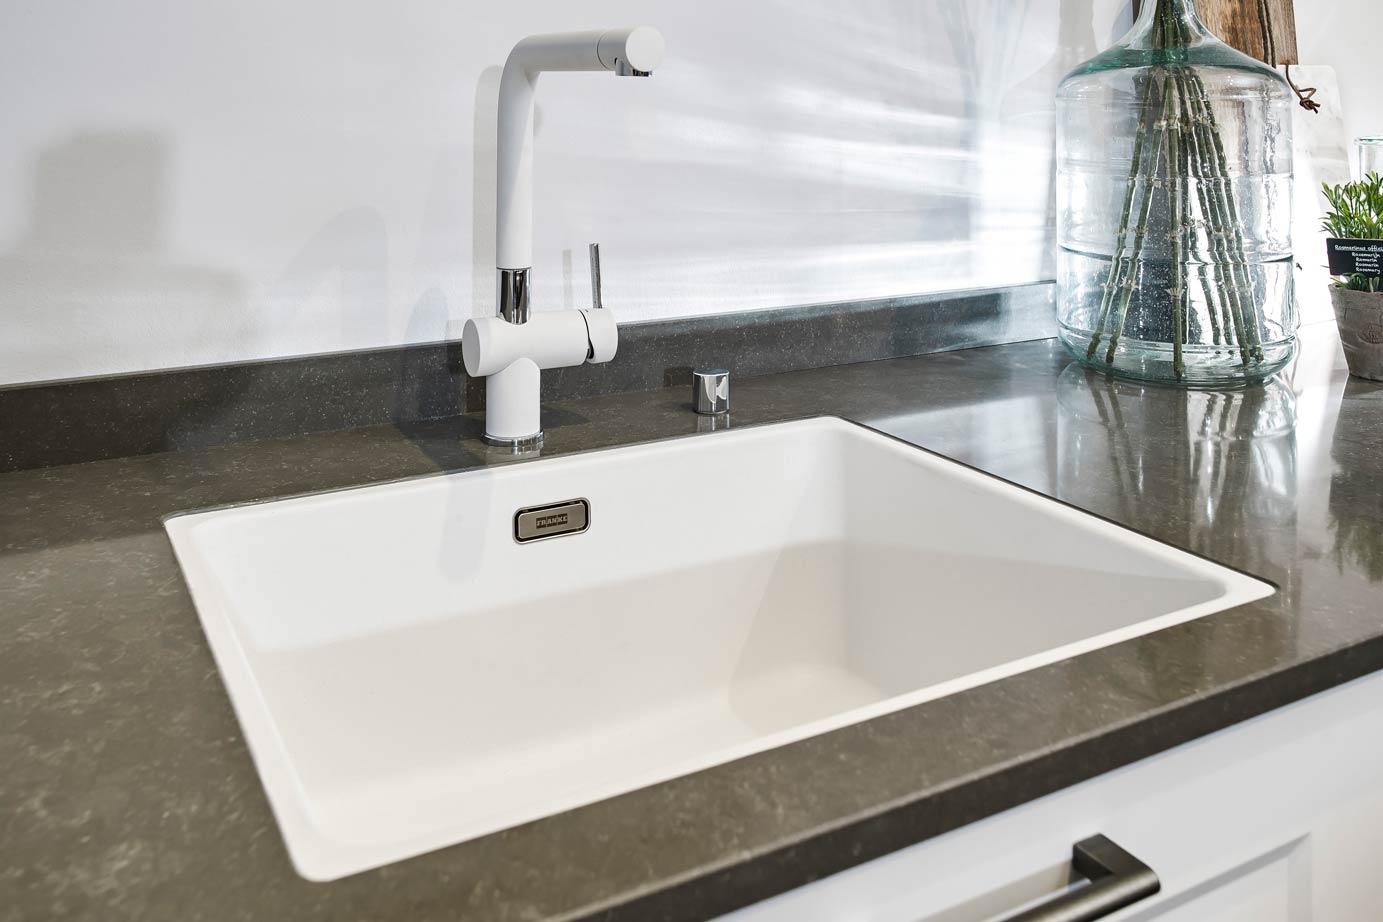 Witte Wasbak Keuken : Afmeting spoelbak tien tips die u moet weten db keukens